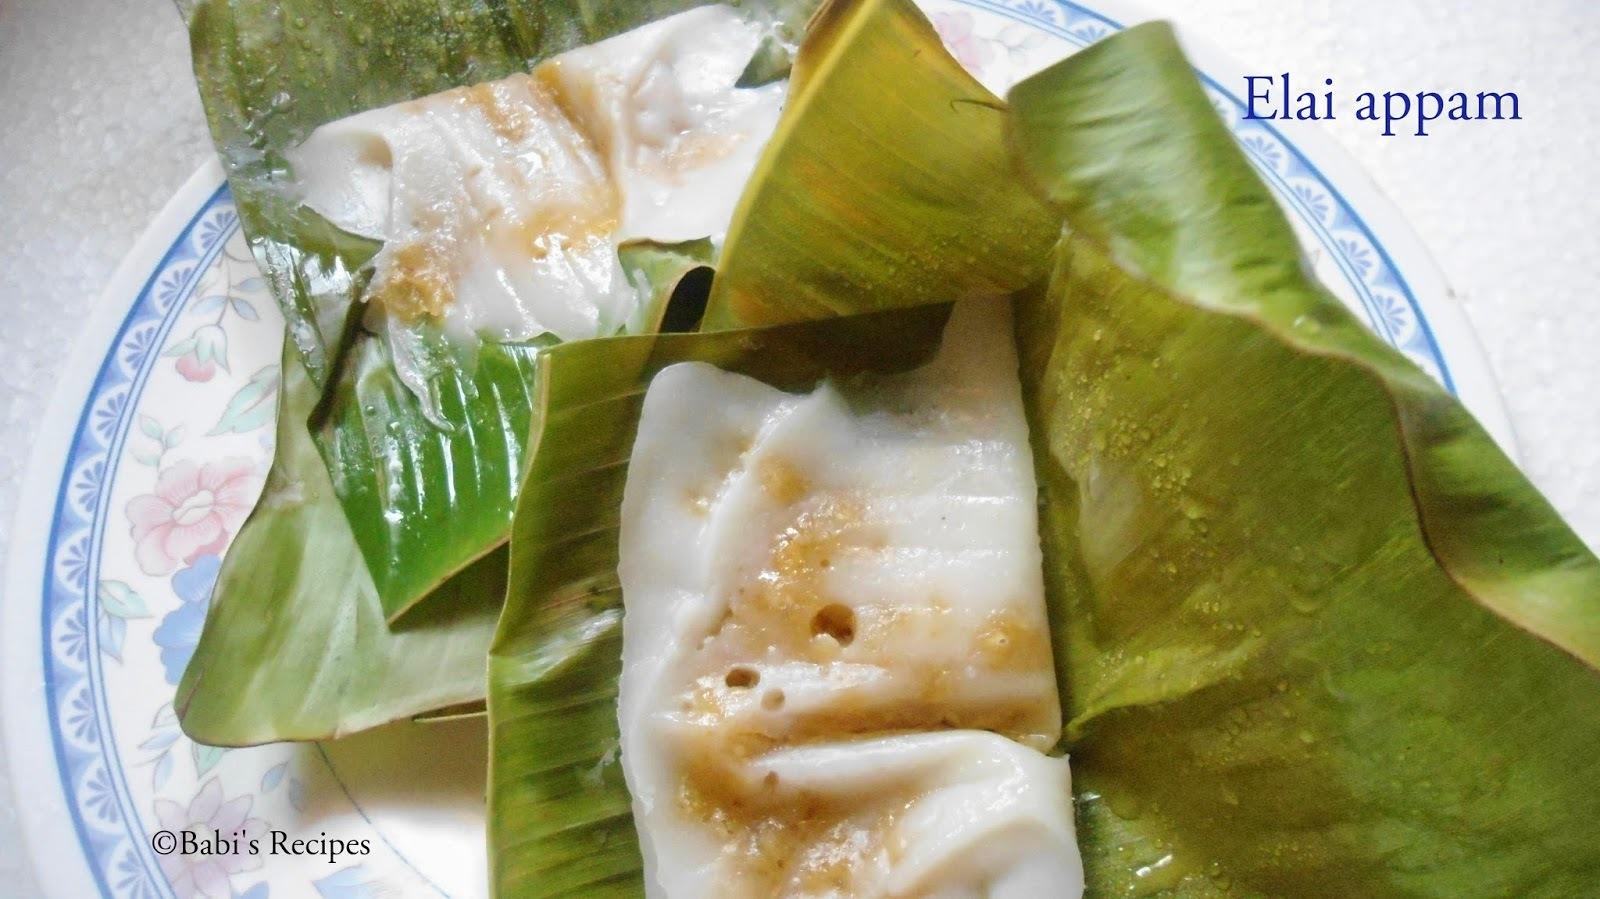 Elai appam/Adai | Kerala Delicacies